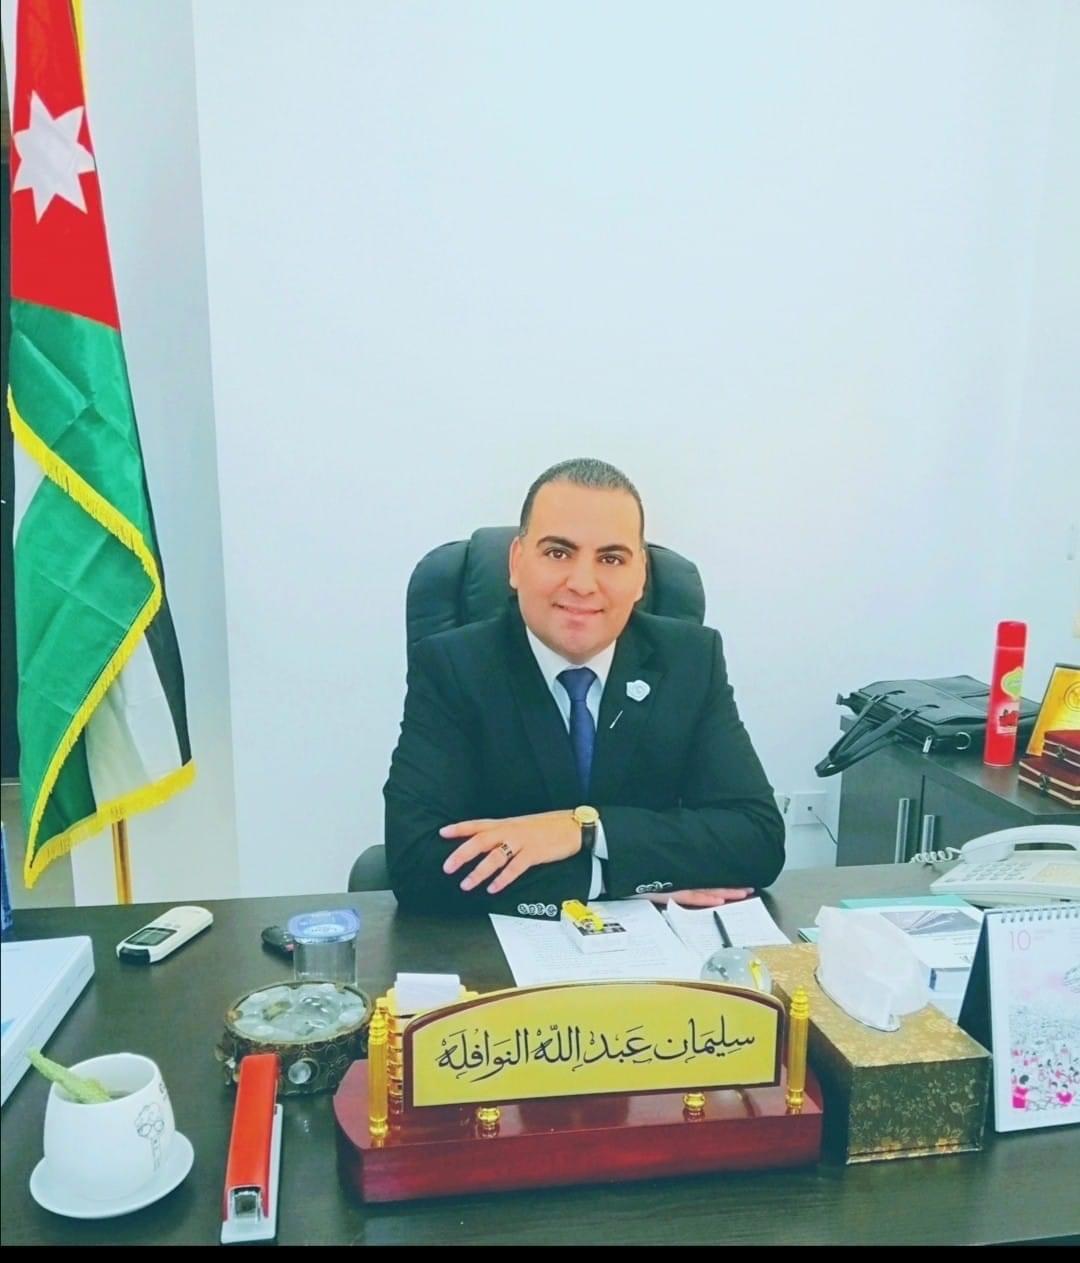 سليمان عبدالله النوافله  ..  مبارك الماجستير